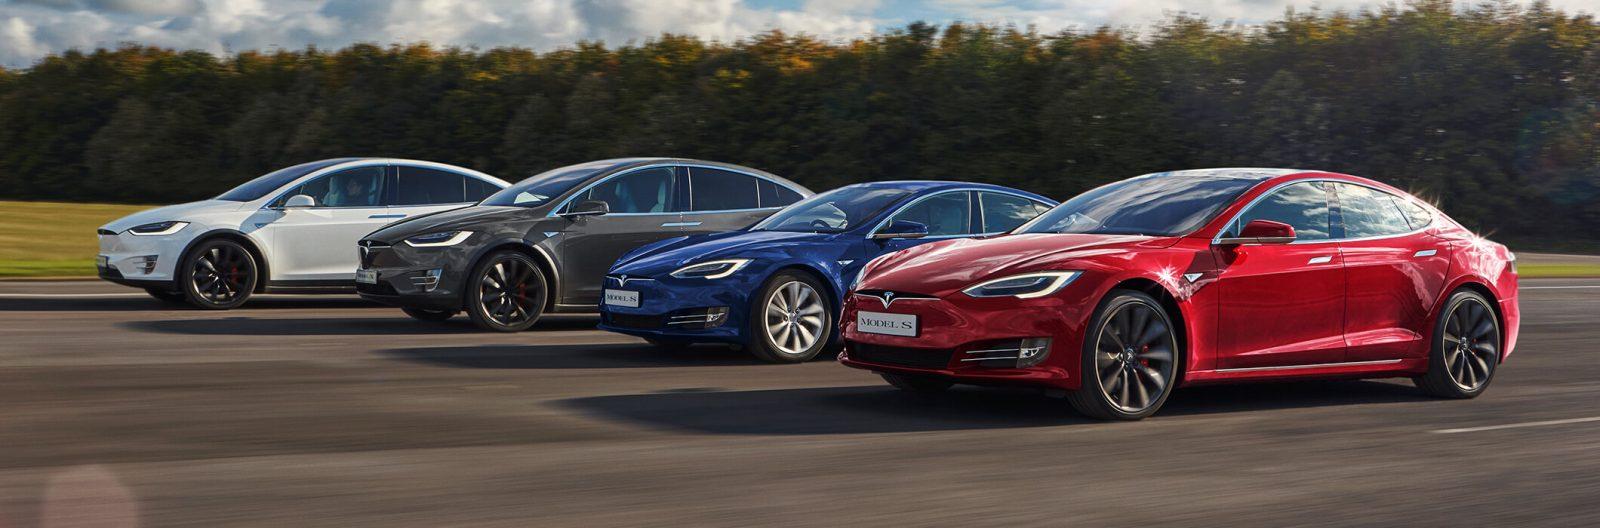 két Tesla Model X, és két Tesla Model S egymás mellett, menet közben